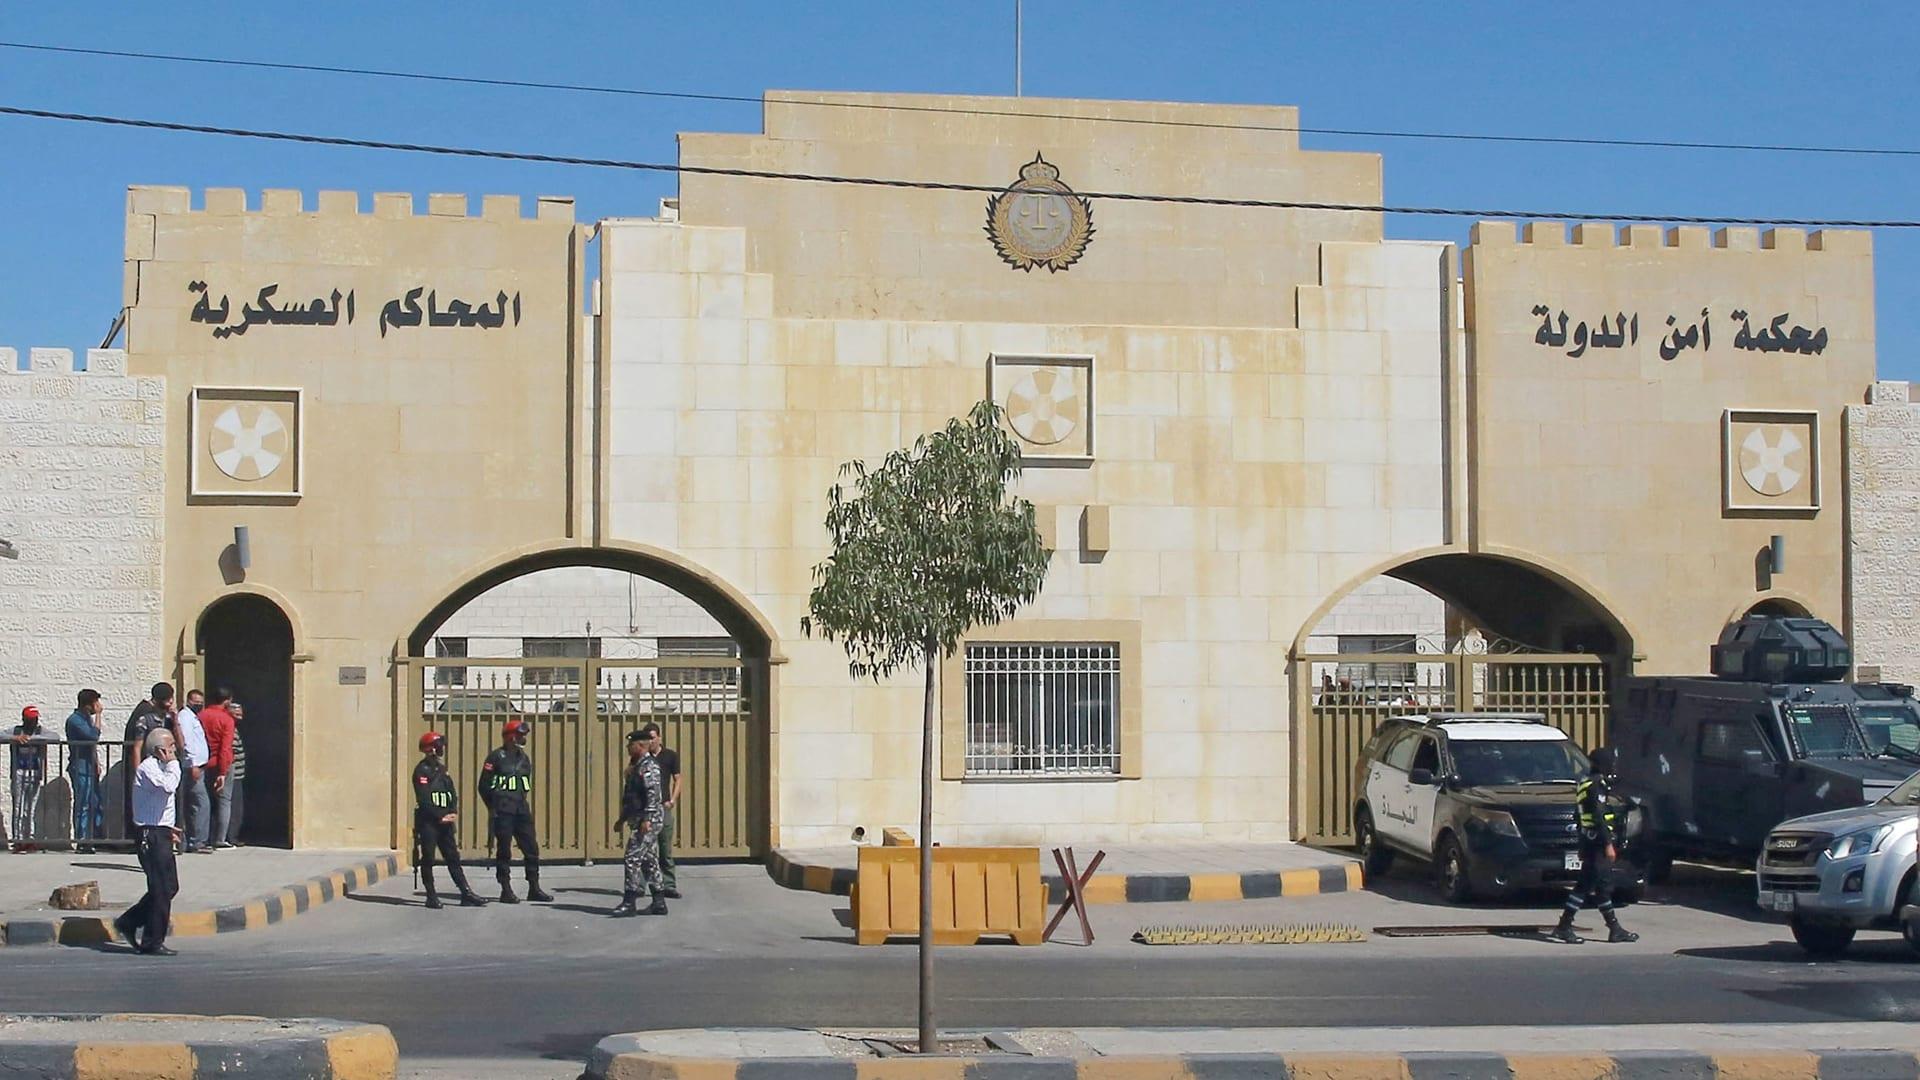 """الأردن: الطعن بقرار أمن الدولة في قضية """"الفتنة"""" لدى محكمة التمييز"""